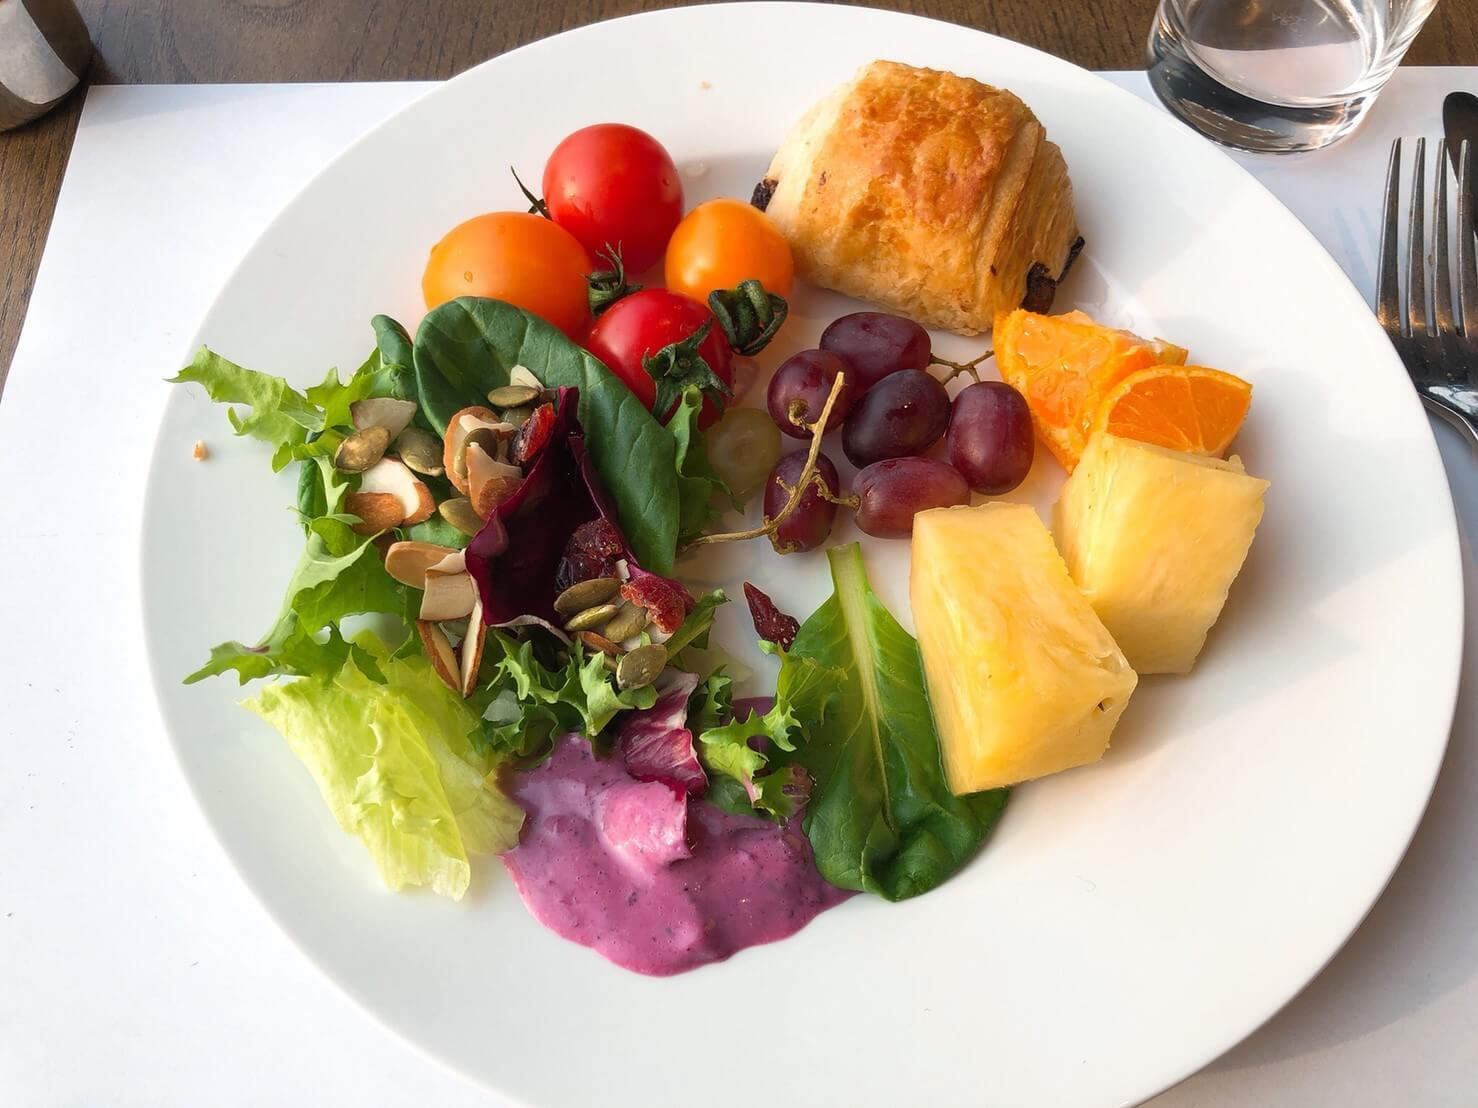 首爾住宿推薦_弘大L7樂天飯店好評介紹_早餐蔬果多且好吃